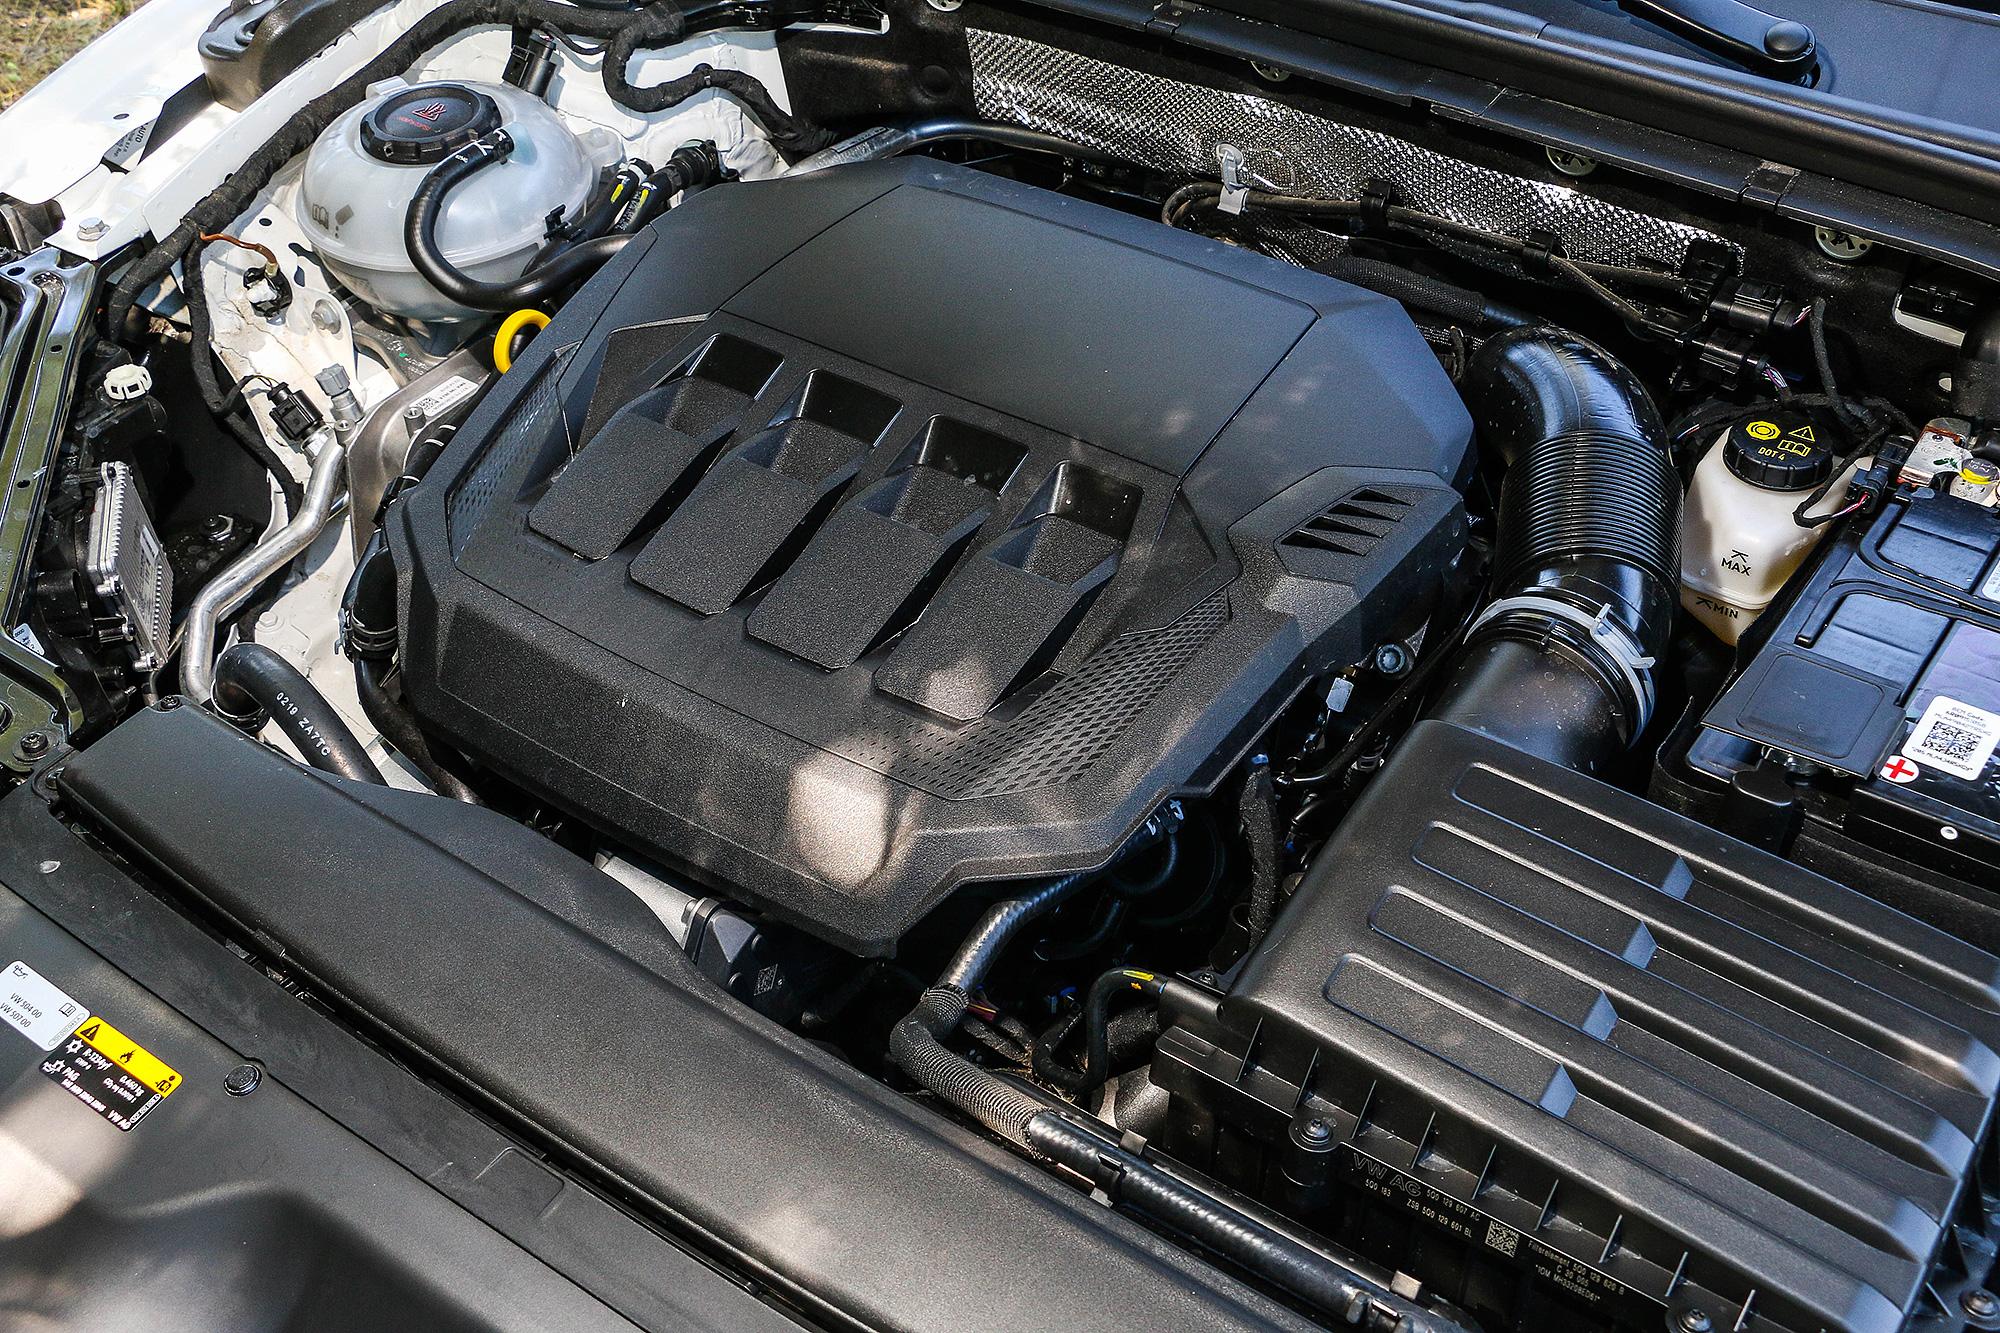 試駕車的動力為 272 匹馬力的 2.0 TSI 汽油引擎。